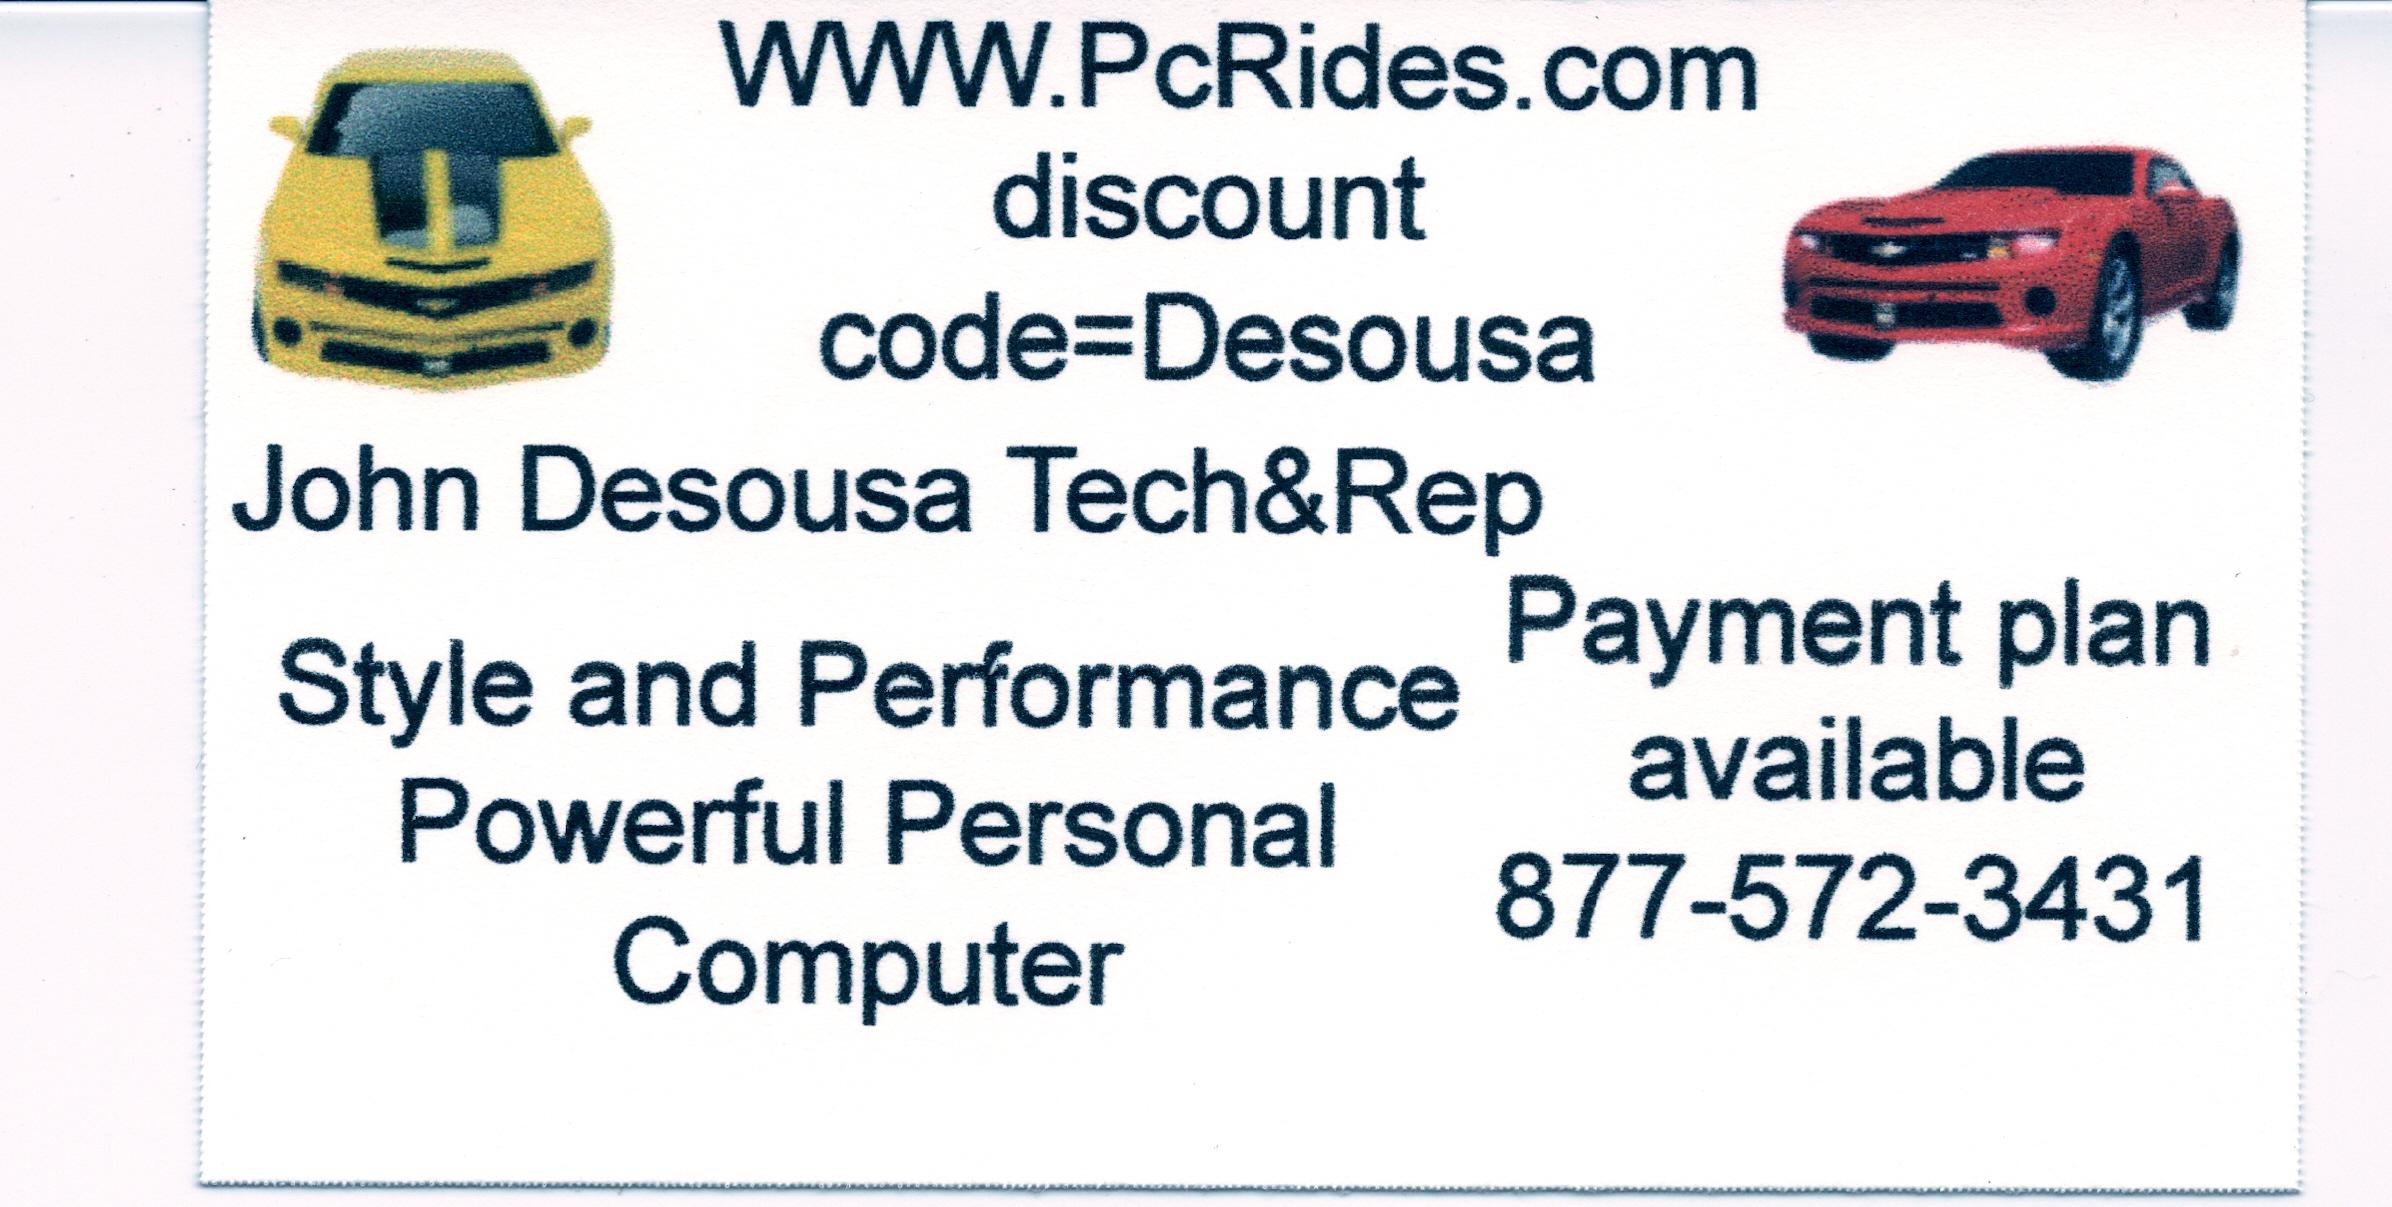 3669270542?profile=original